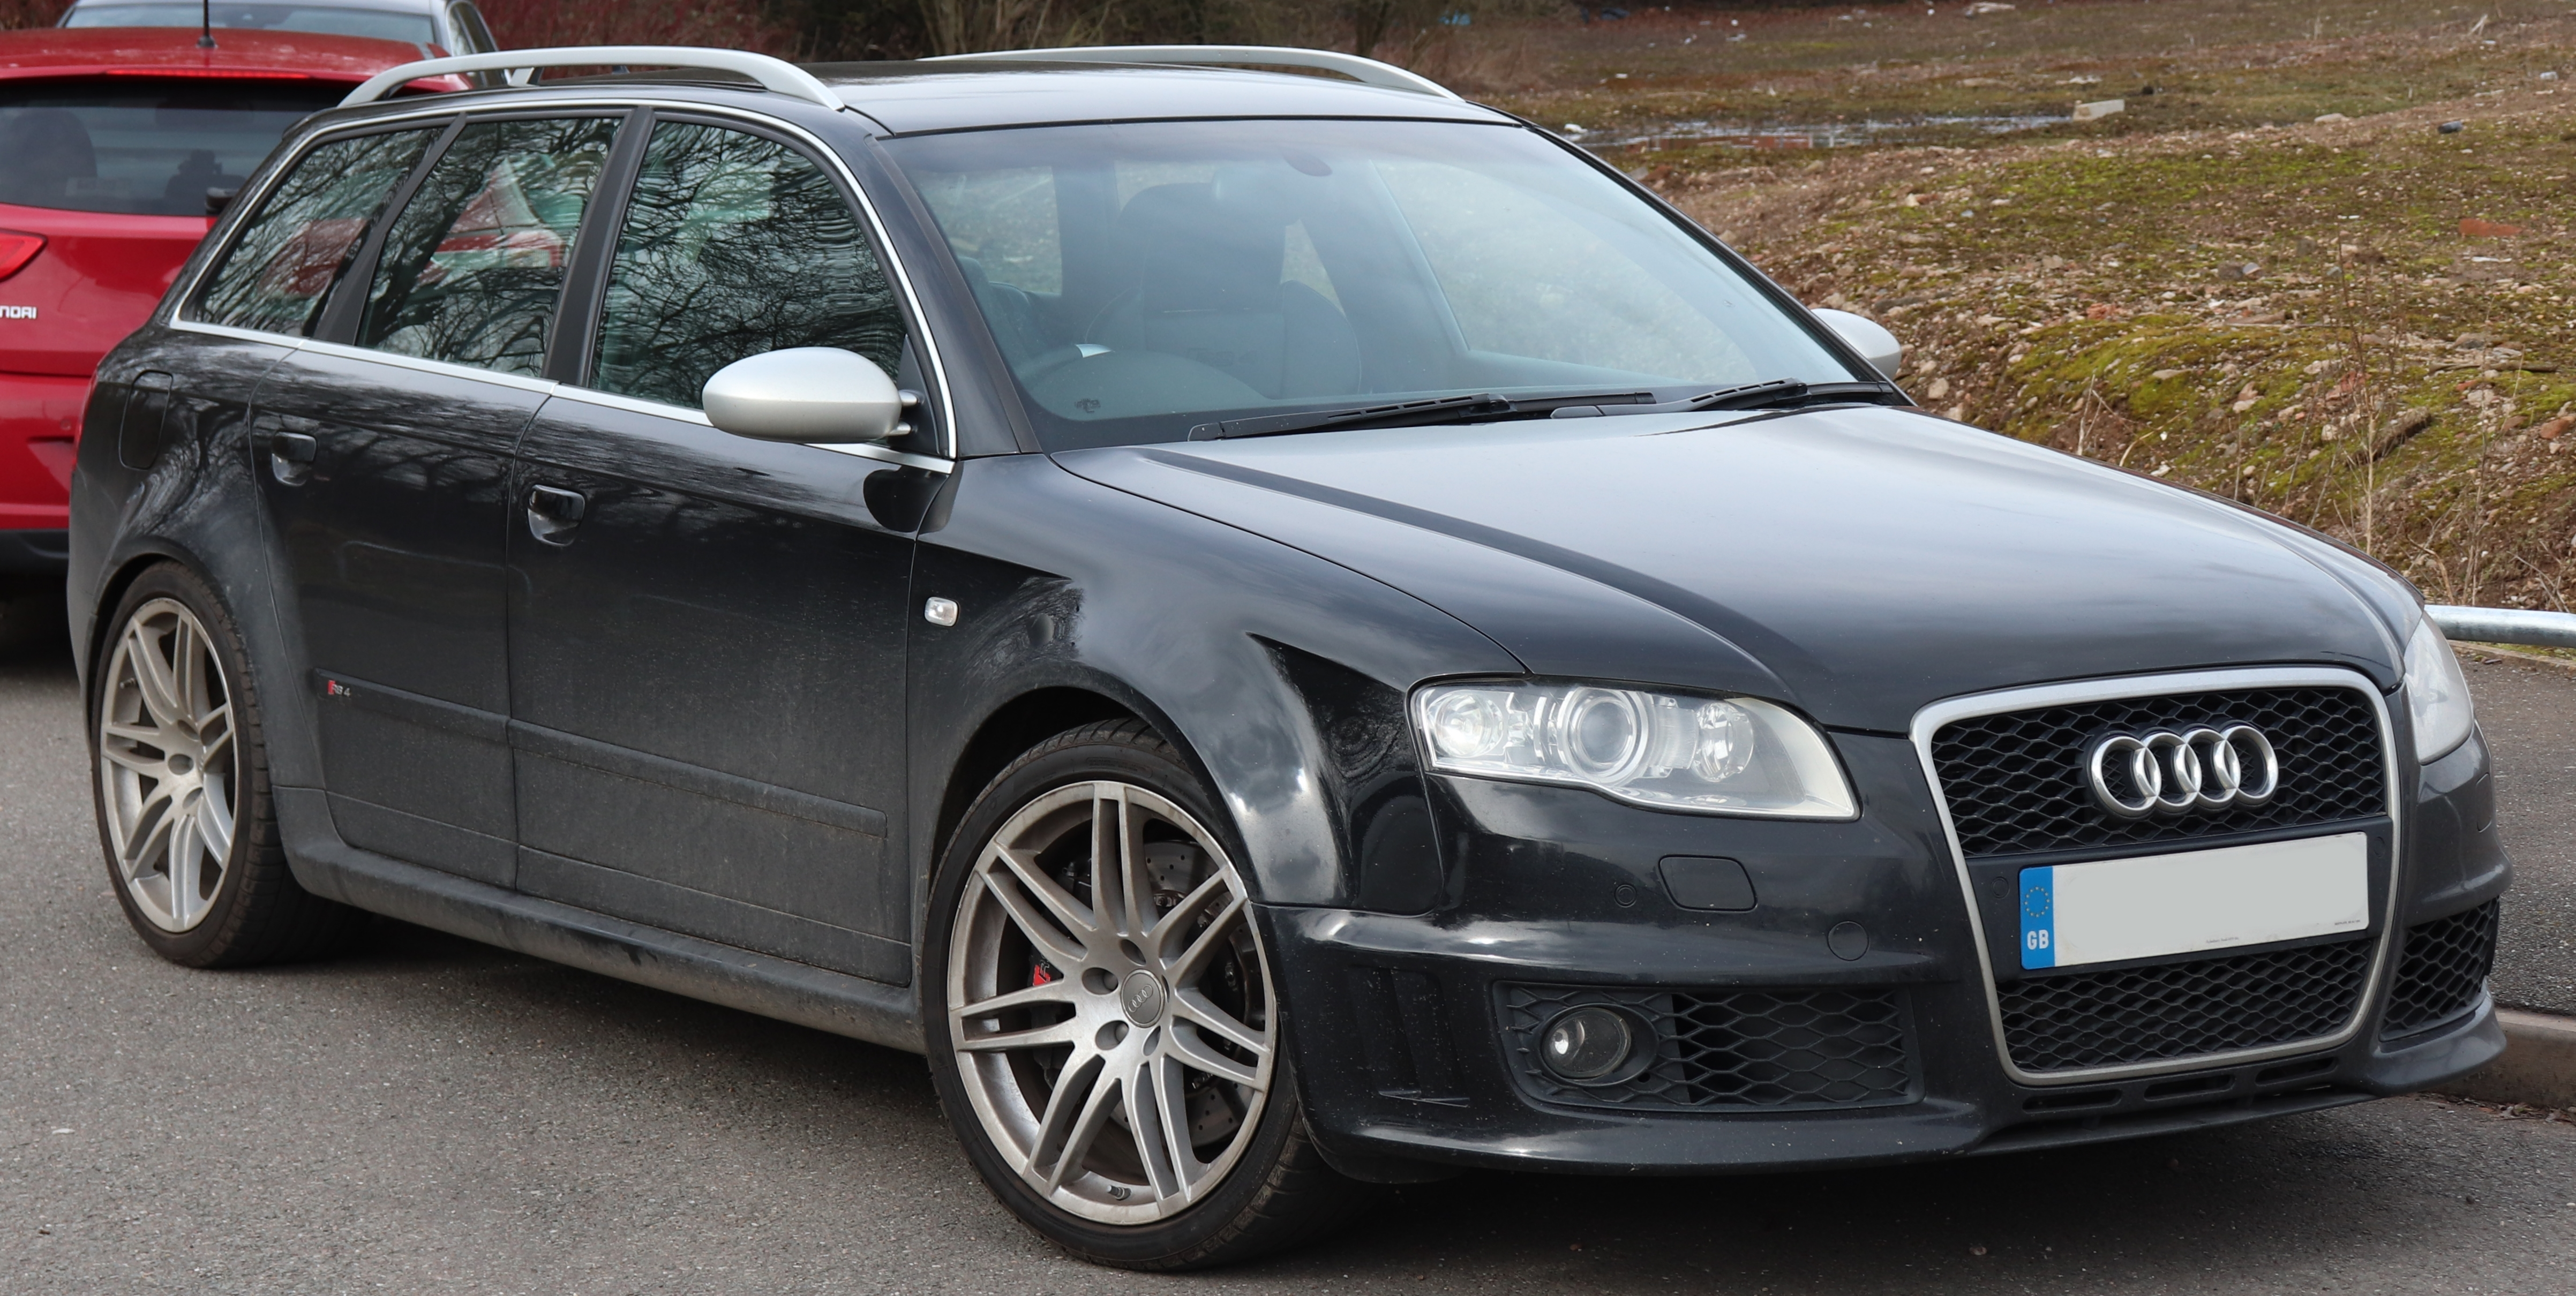 Kekurangan Audi Rs4 2007 Murah Berkualitas